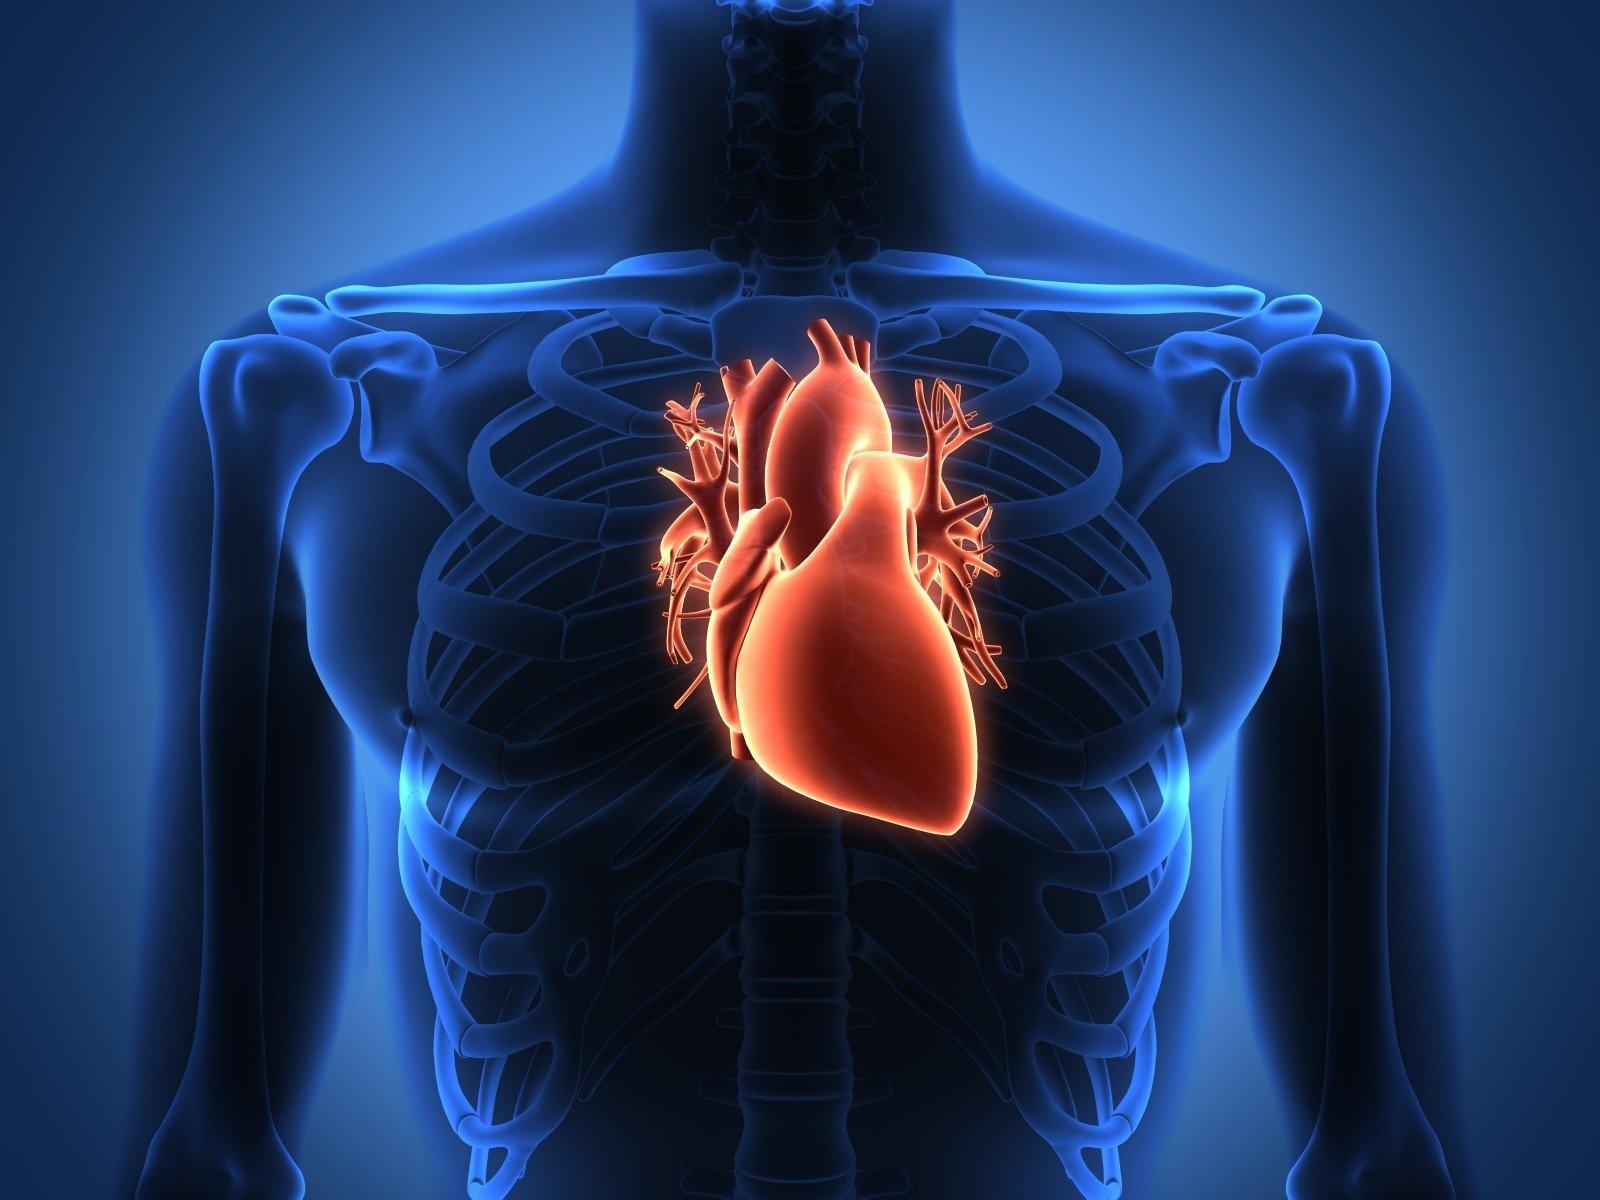 Penkios svarbiausios medžiagos širdžiai | vanagaite.lt